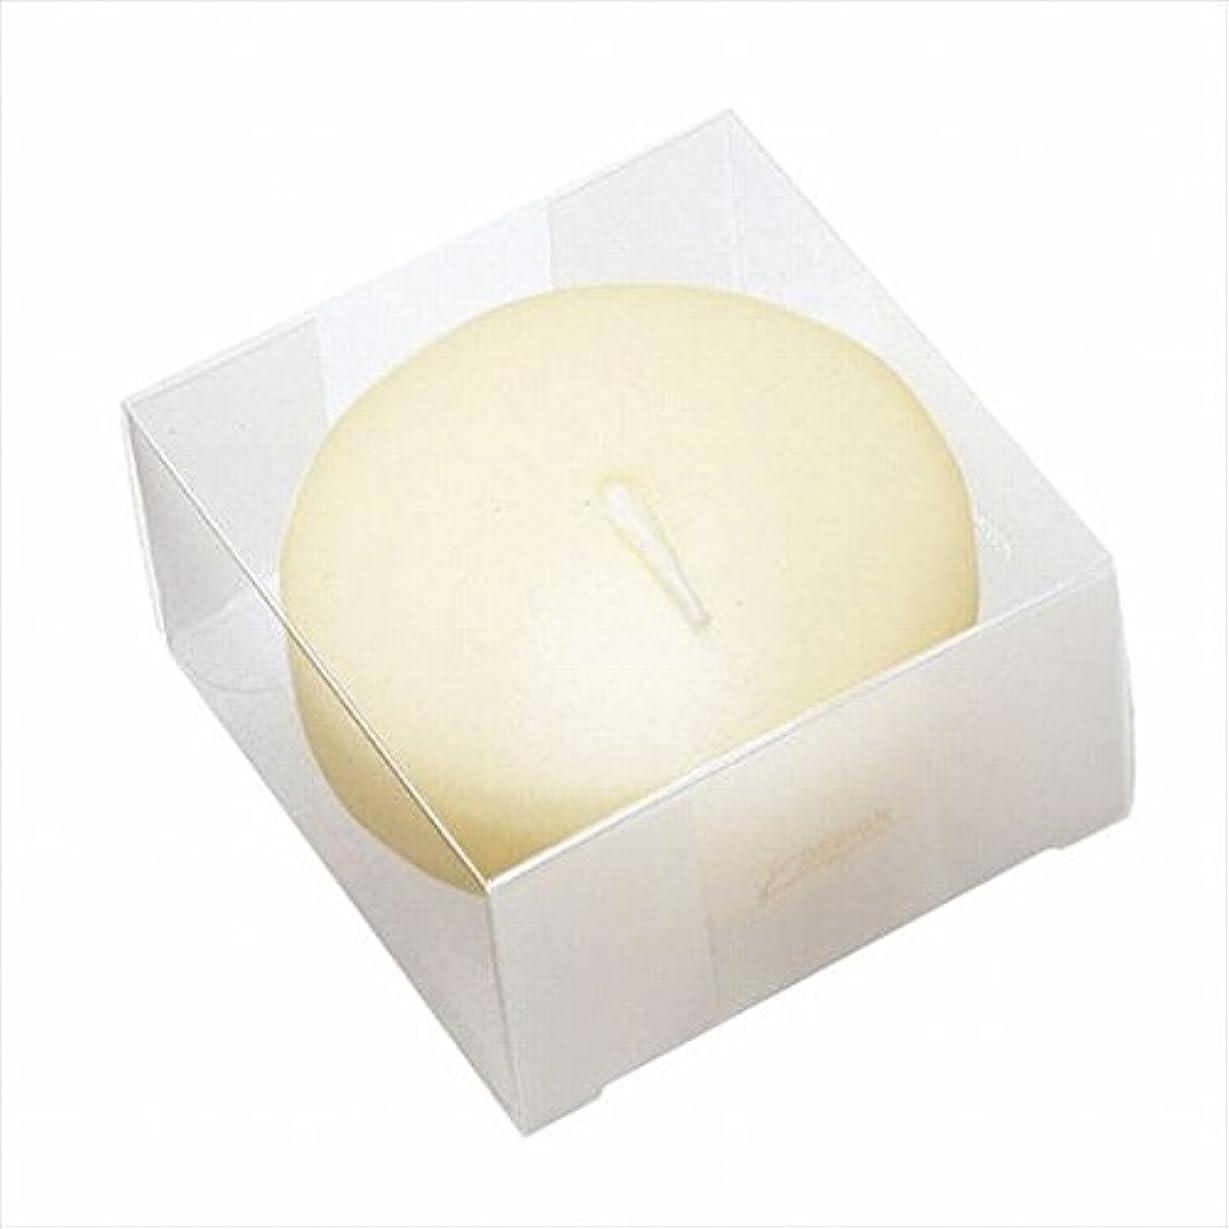 。掃除ゲートウェイカメヤマキャンドル(kameyama candle) プール80(箱入り) 「 アイボリー 」